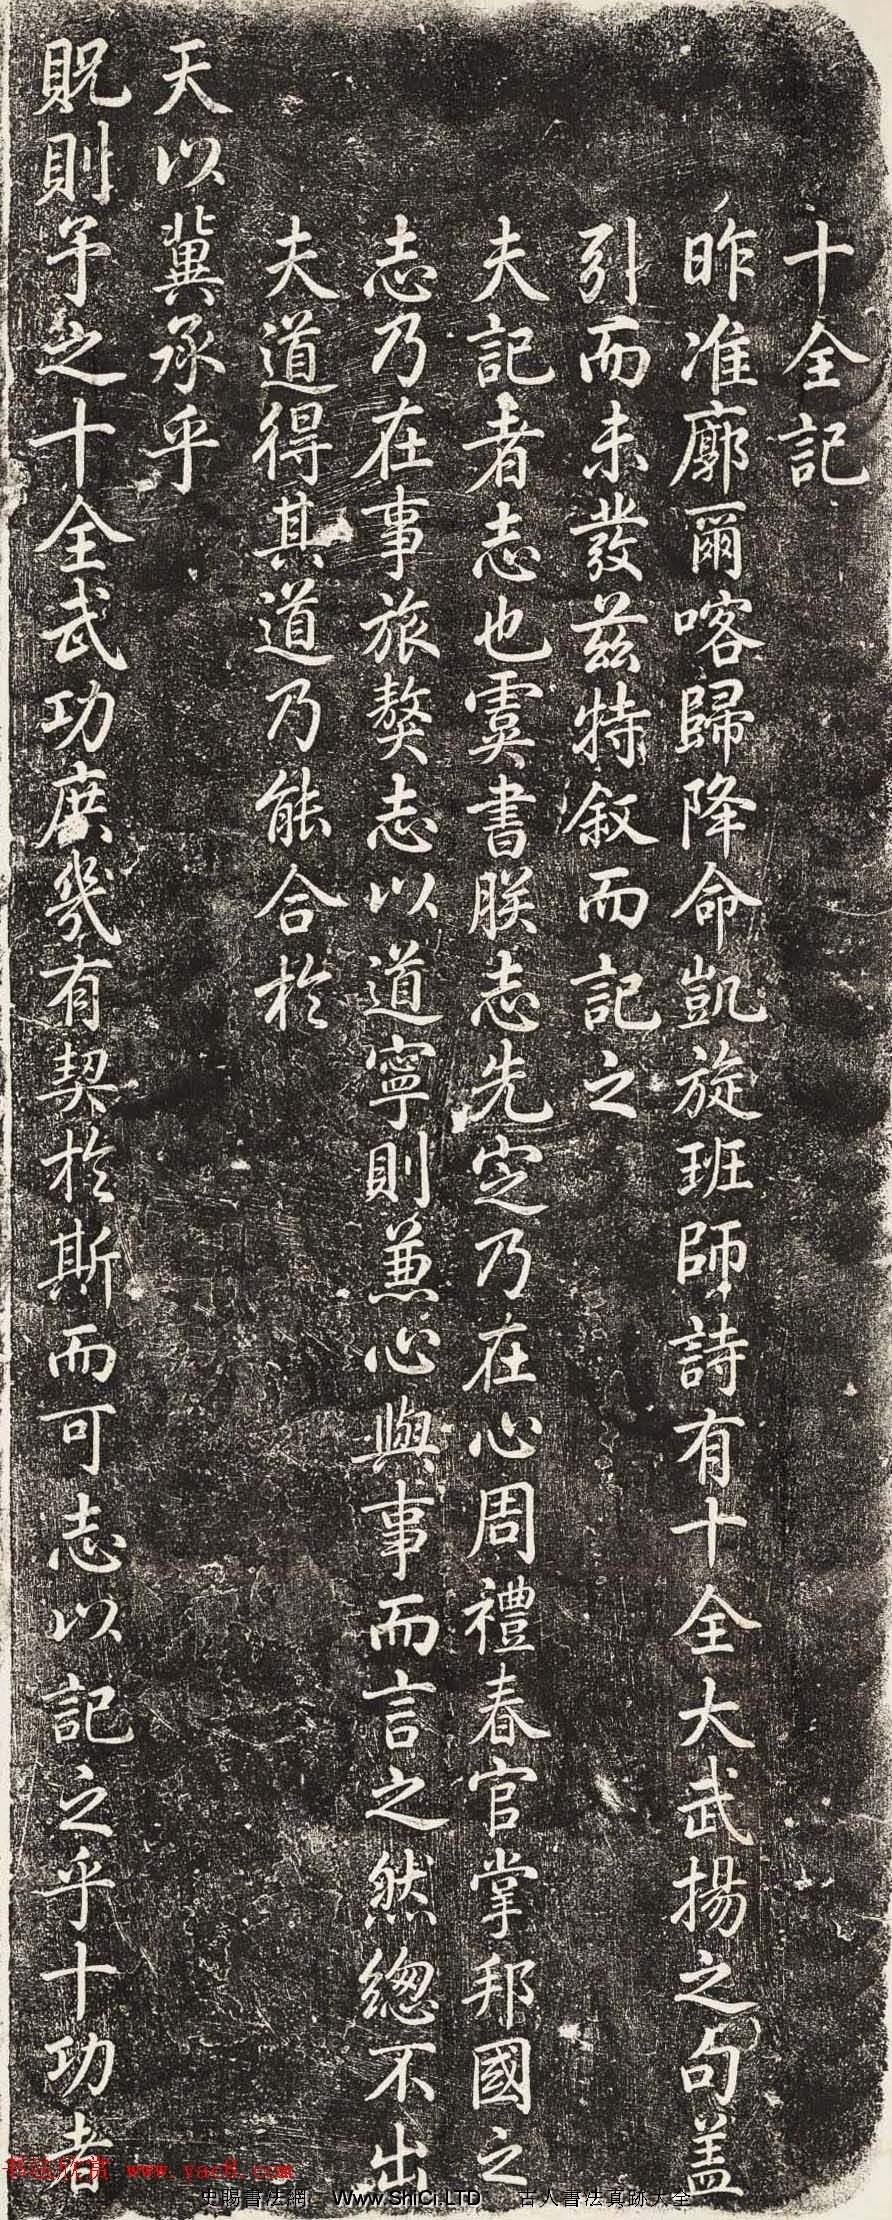 乾隆帝愛新覺羅·弘歷書法字帖《十全記》拓本(共3張圖片)